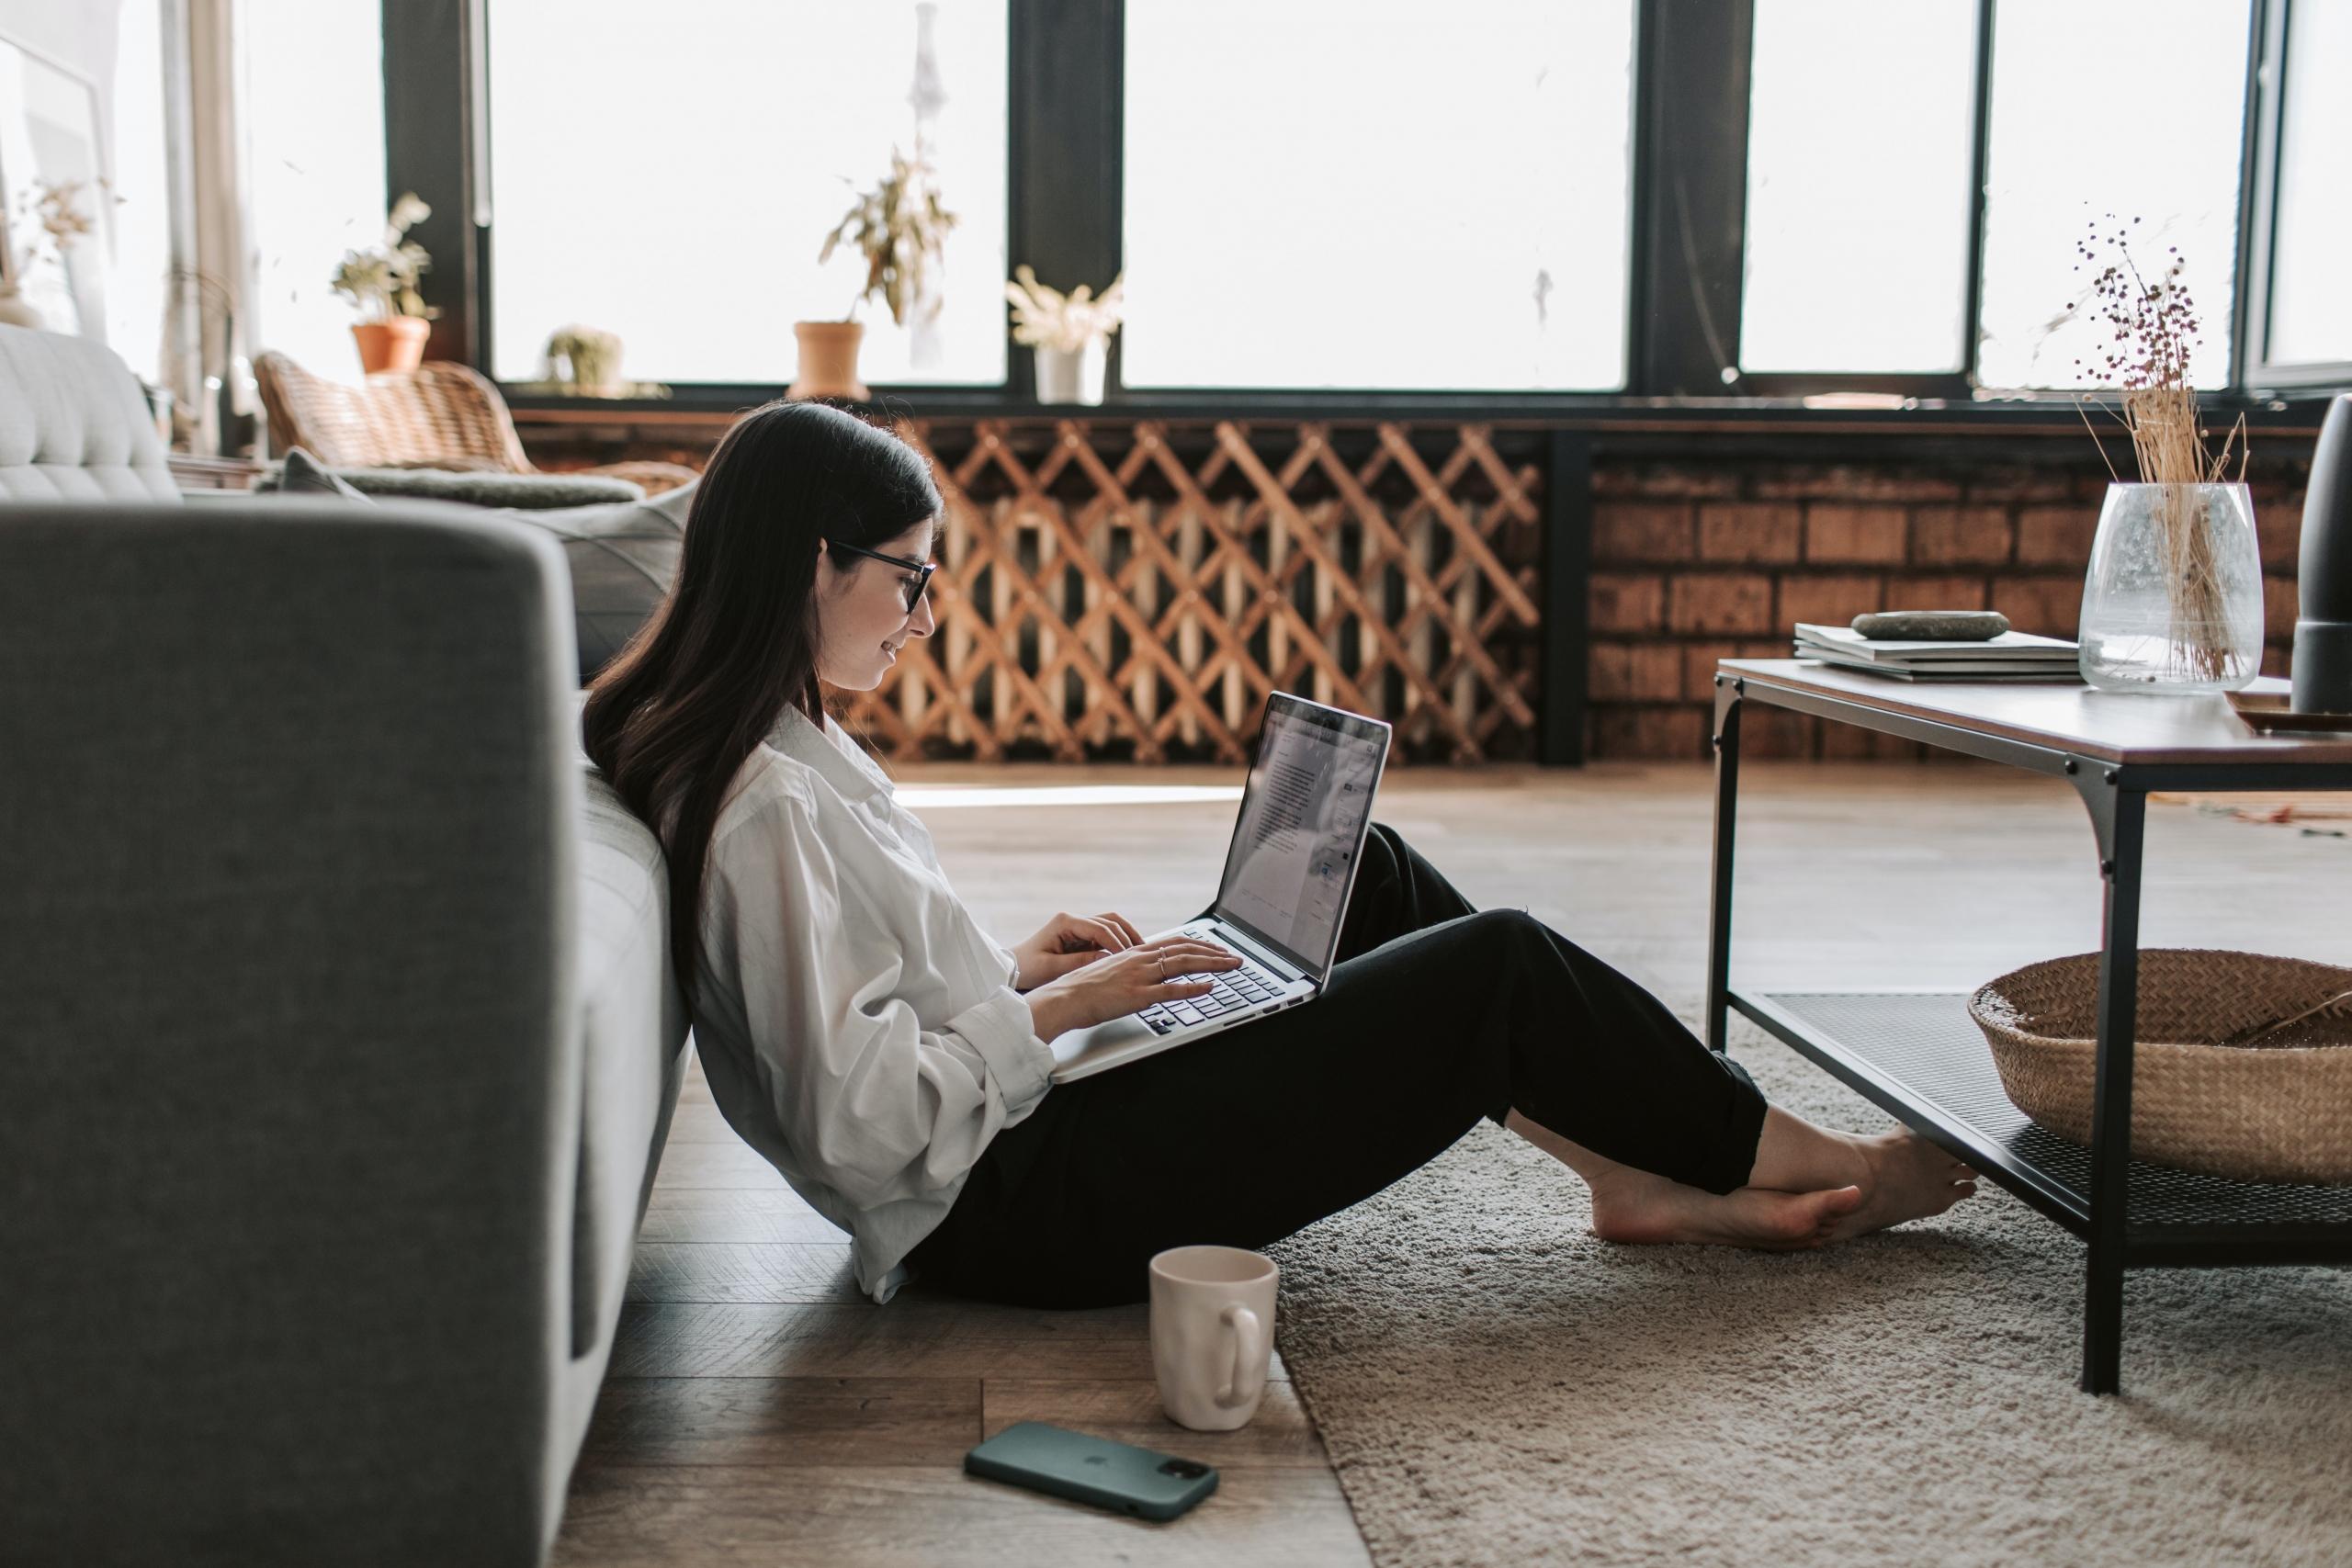 ノートパソコン部屋でする女性